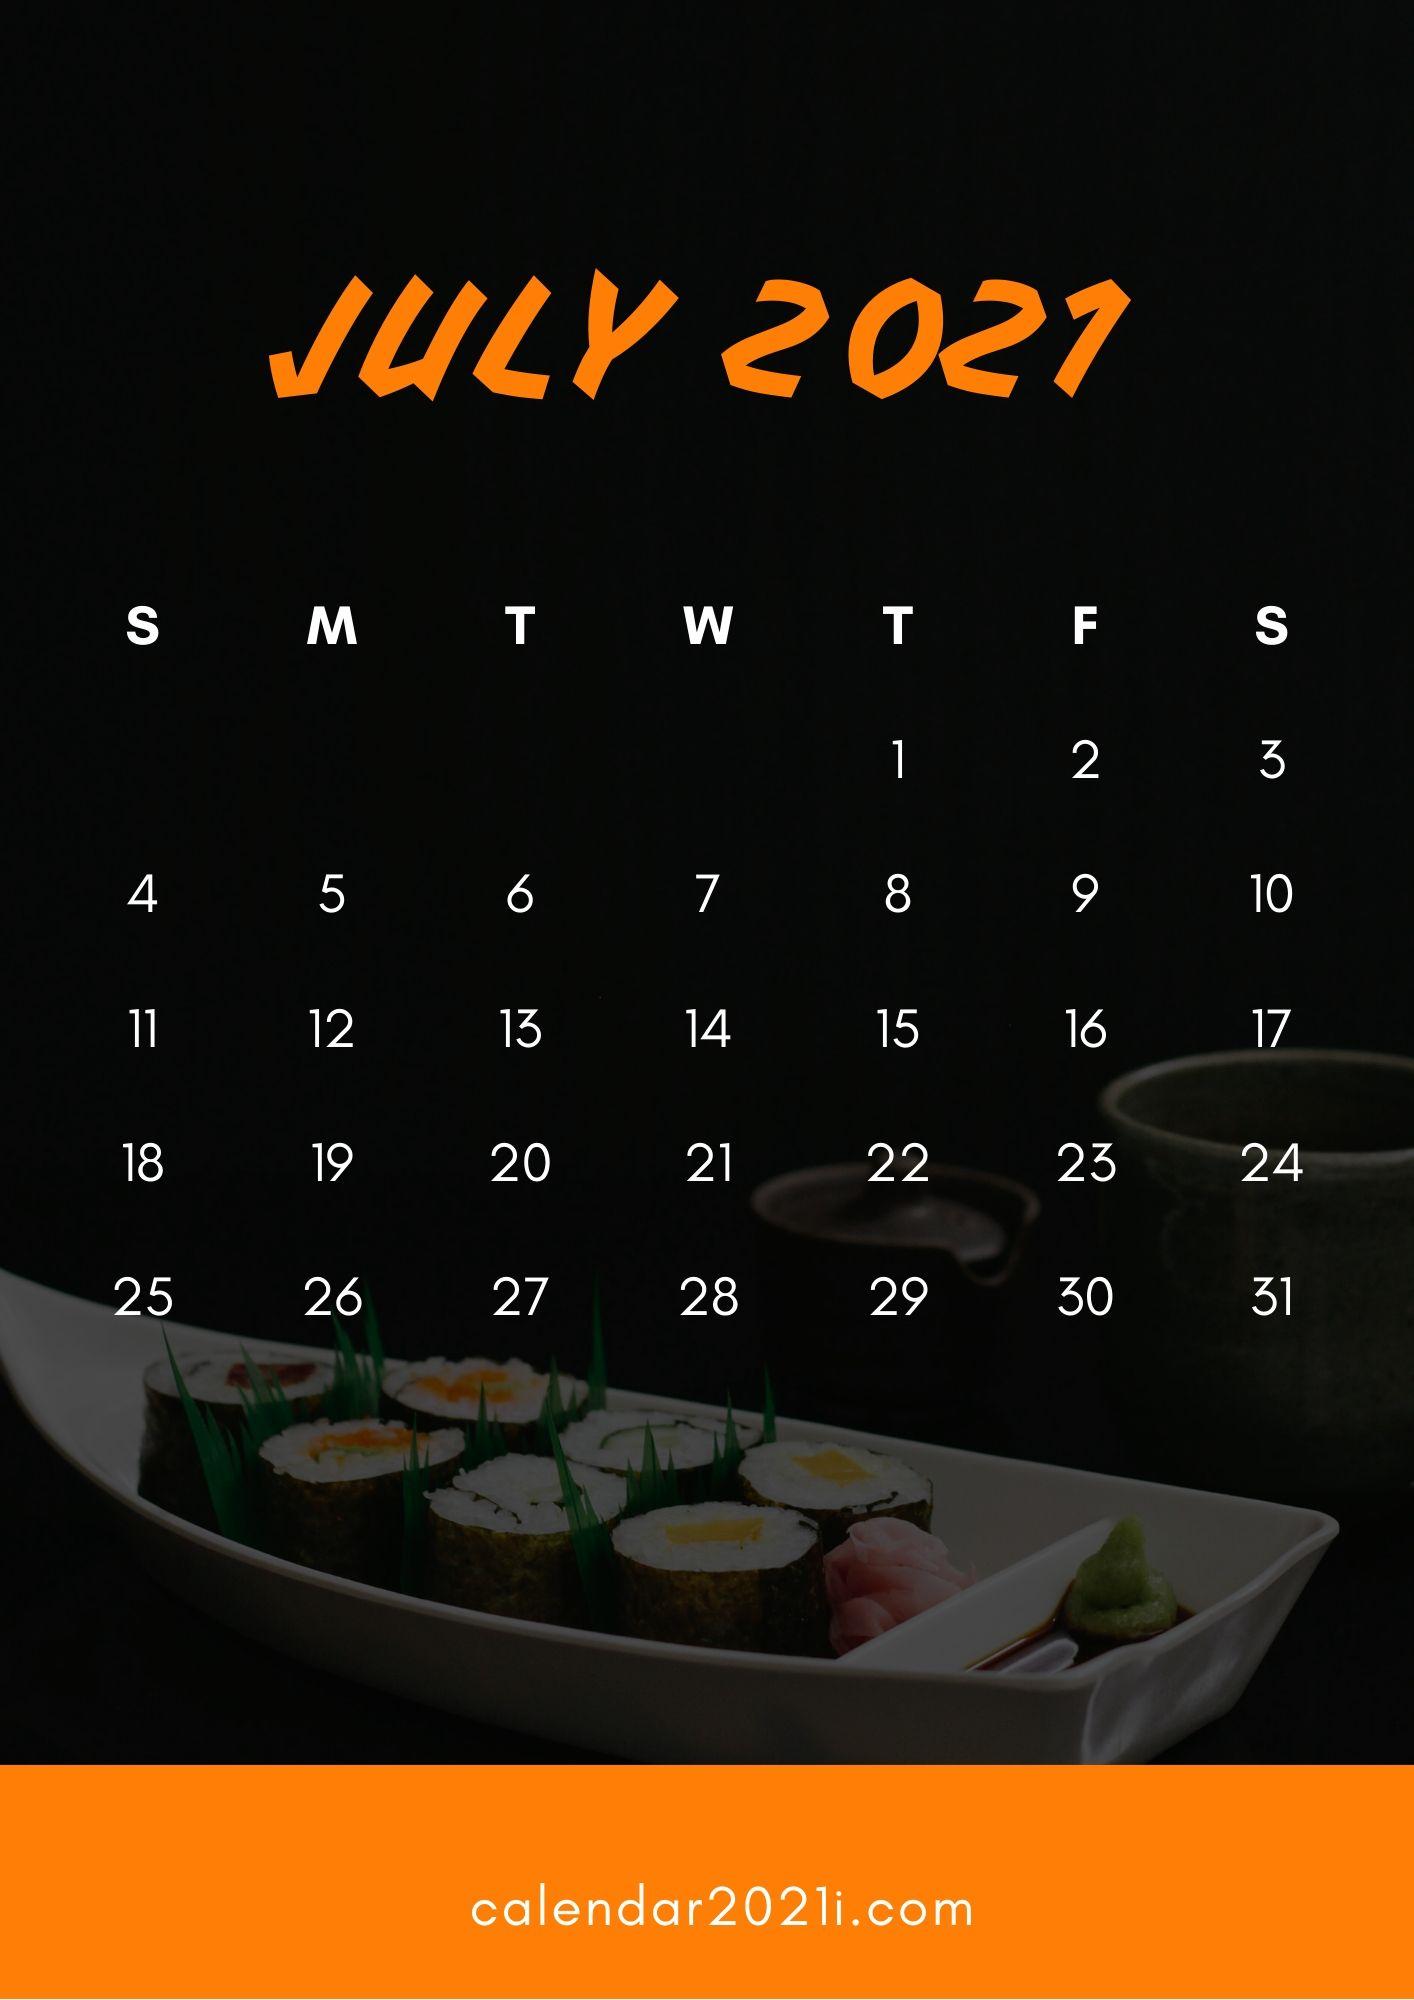 iPhone 2021 Calendar HD Wallpapers Calendar 2021 1414x2000